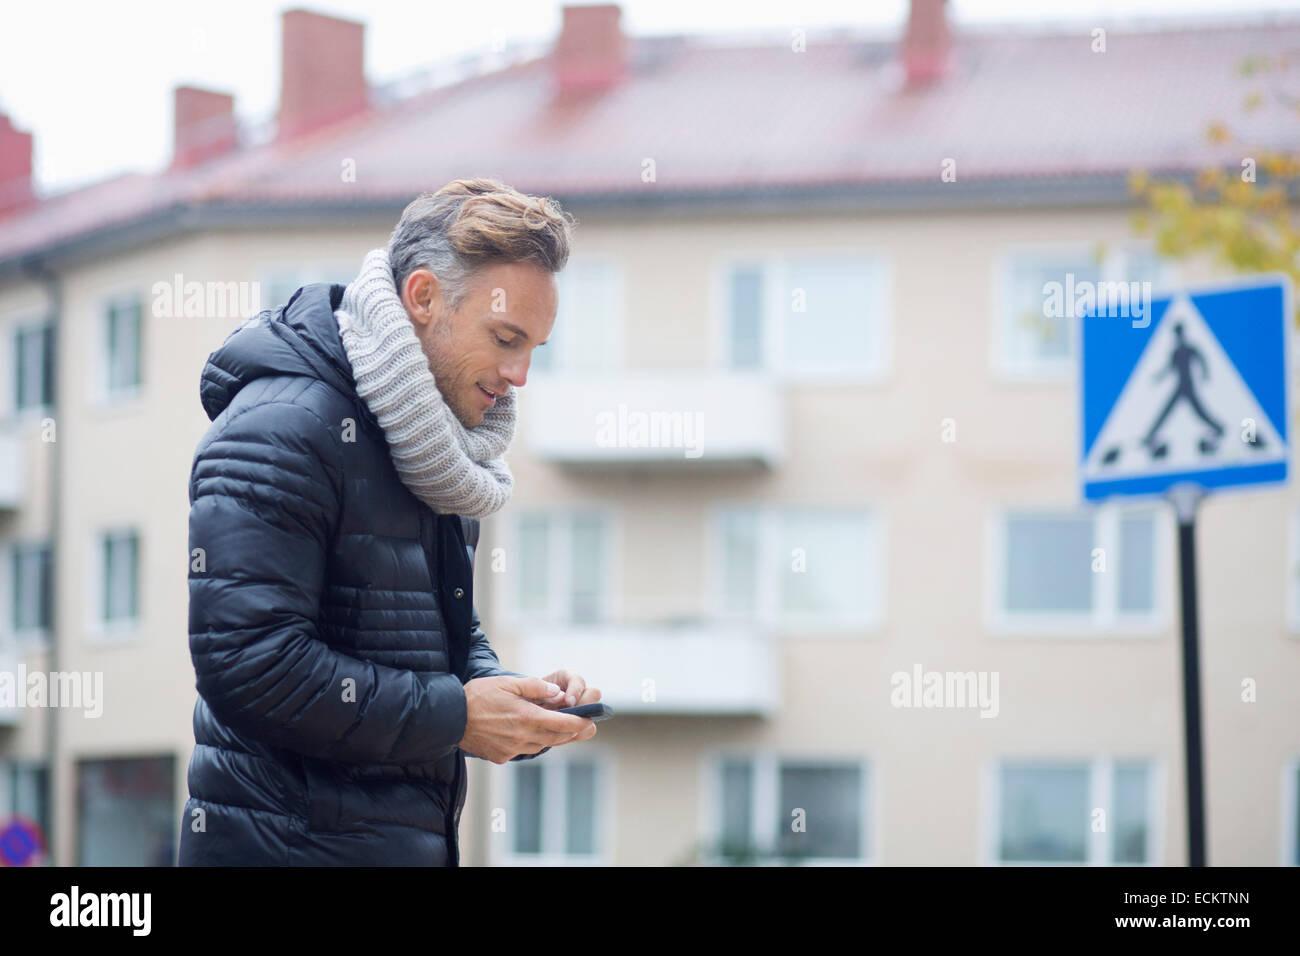 Reifer Mann mit Smartphone gegen Gebäude Stockbild